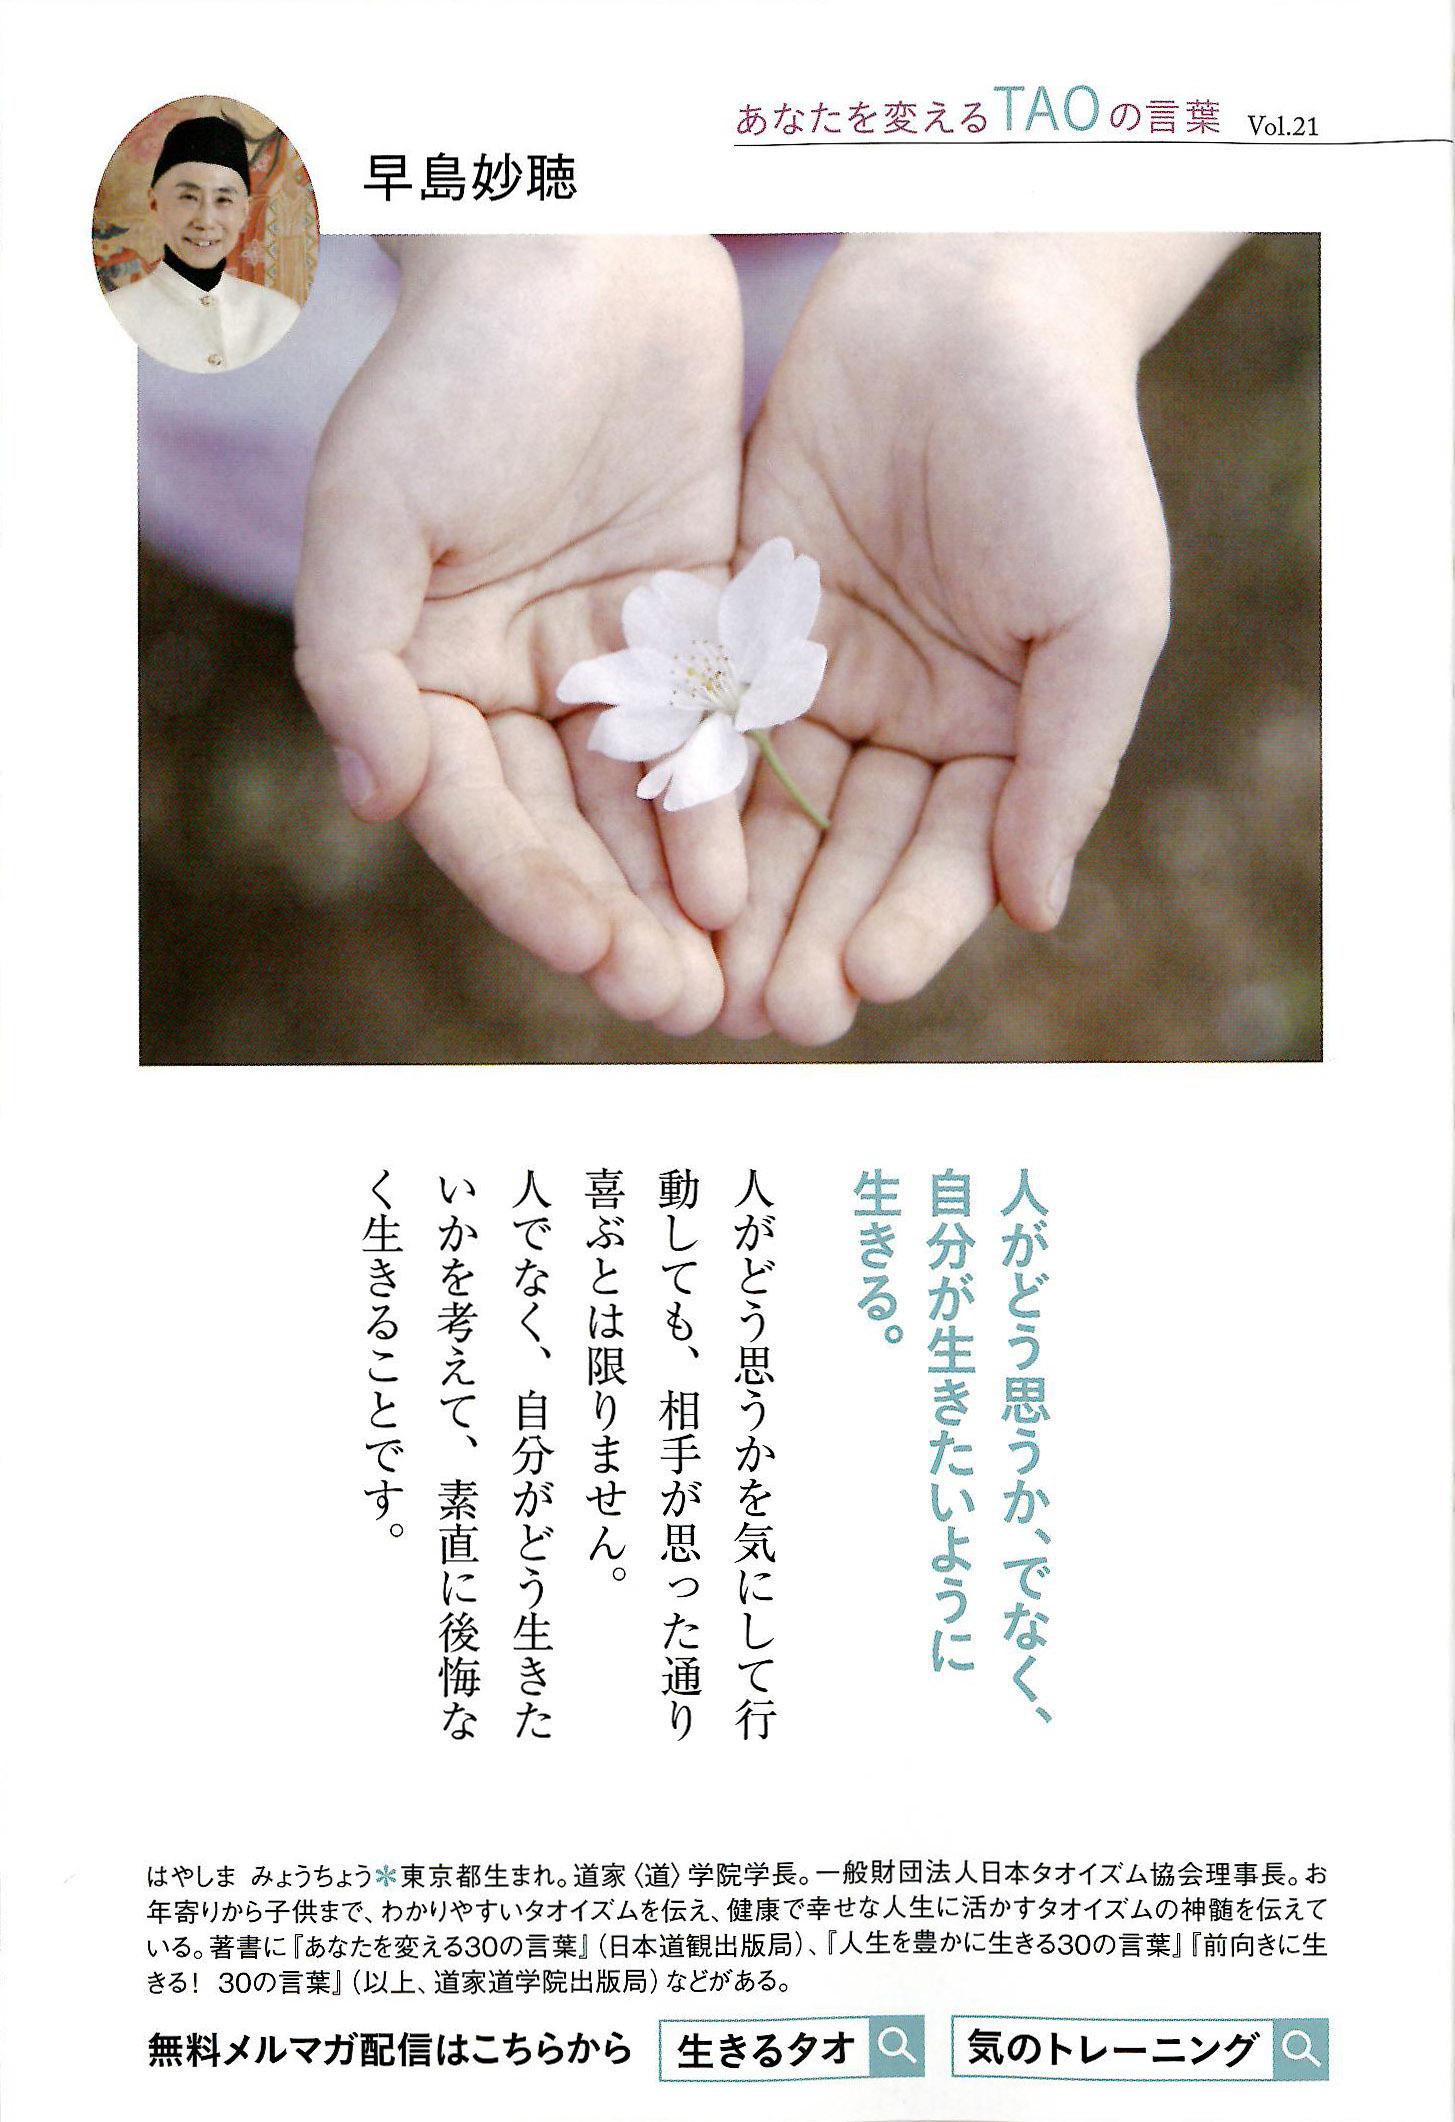 PHPスペシャル 2018年4月号 ☆ 大好評連載!『あなたを変えるTAOの言葉』Vol.21